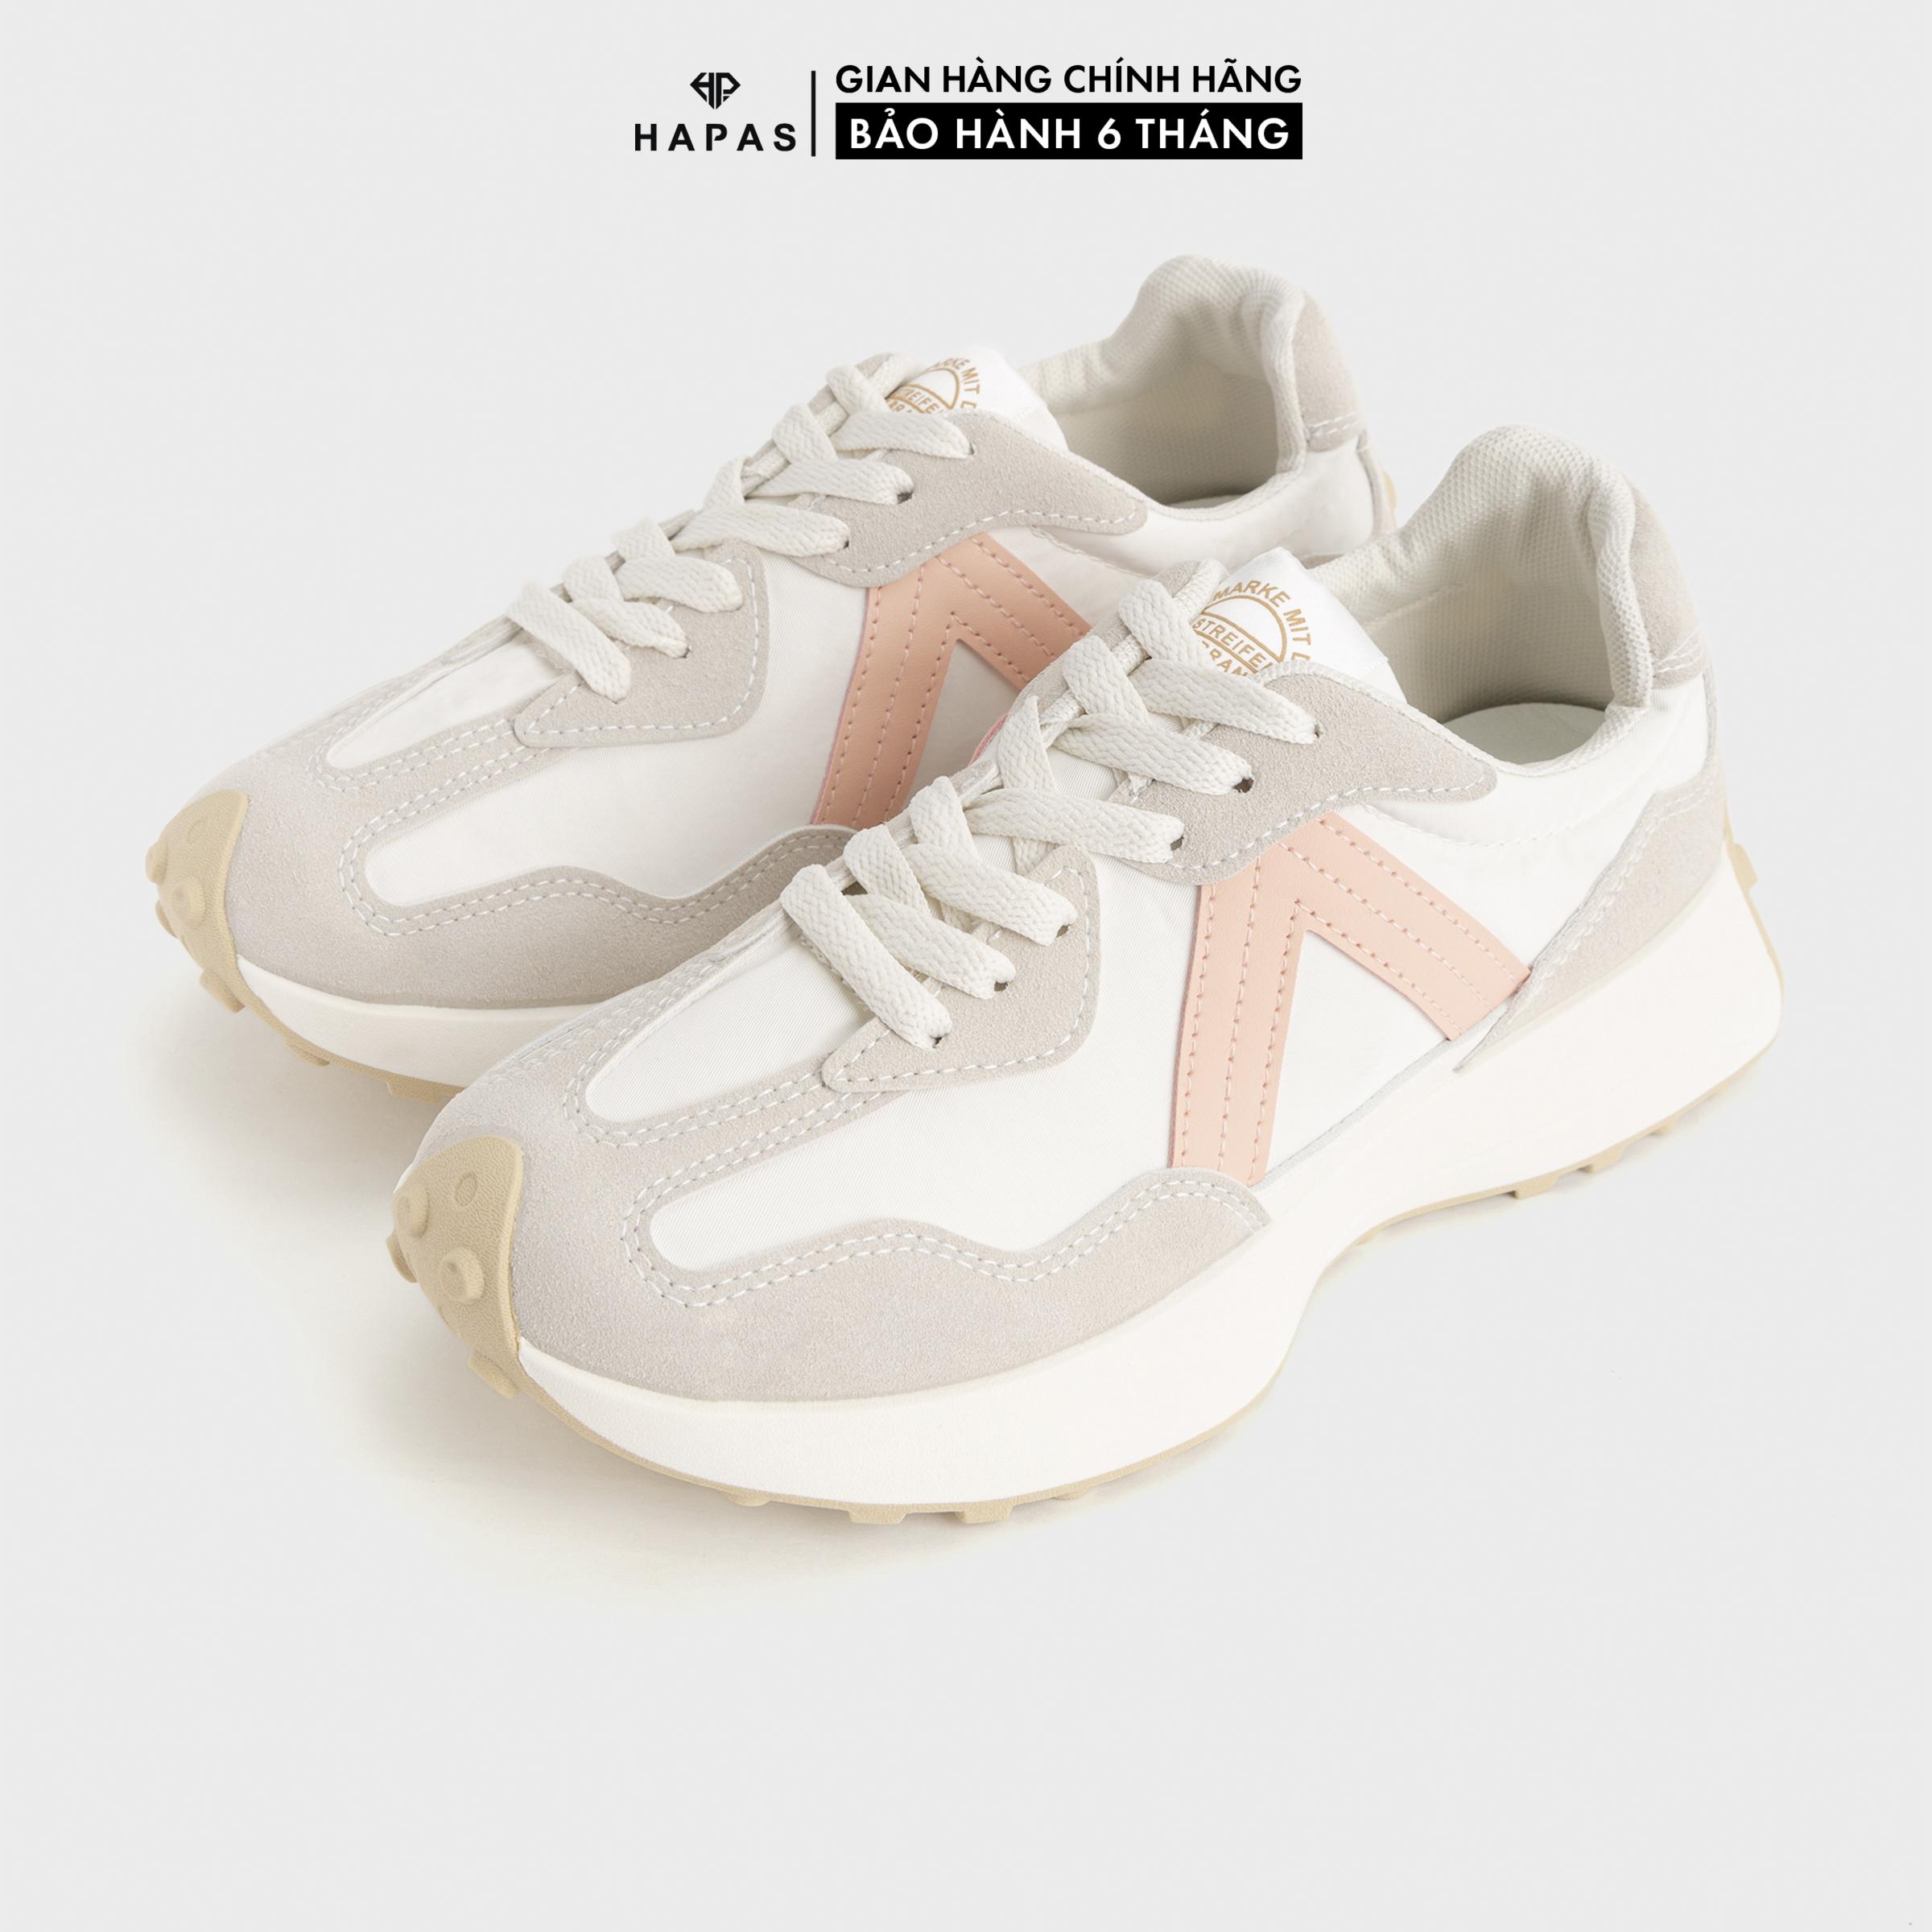 Giày Thể Thao Nữ Sneaker Nữ Viền Chữ V Độn Đế 3P Cá Tính HAPAS – GSK387